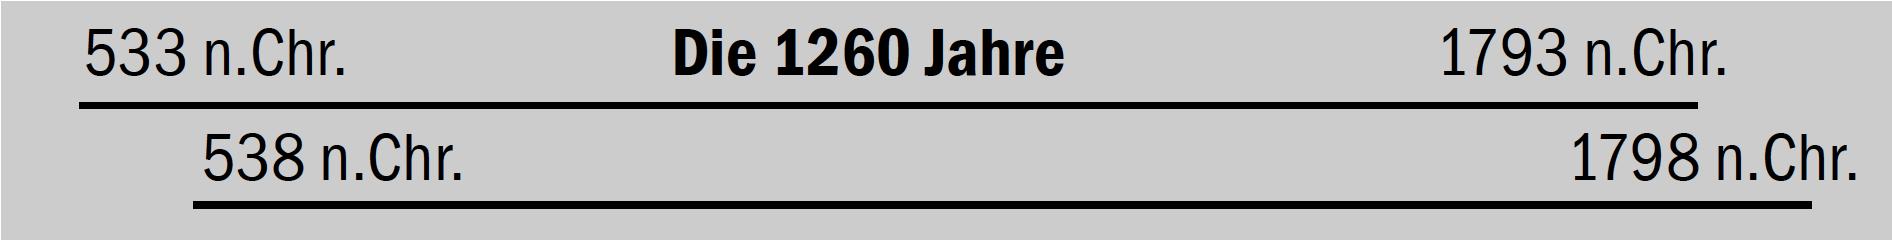 1260 Jahre